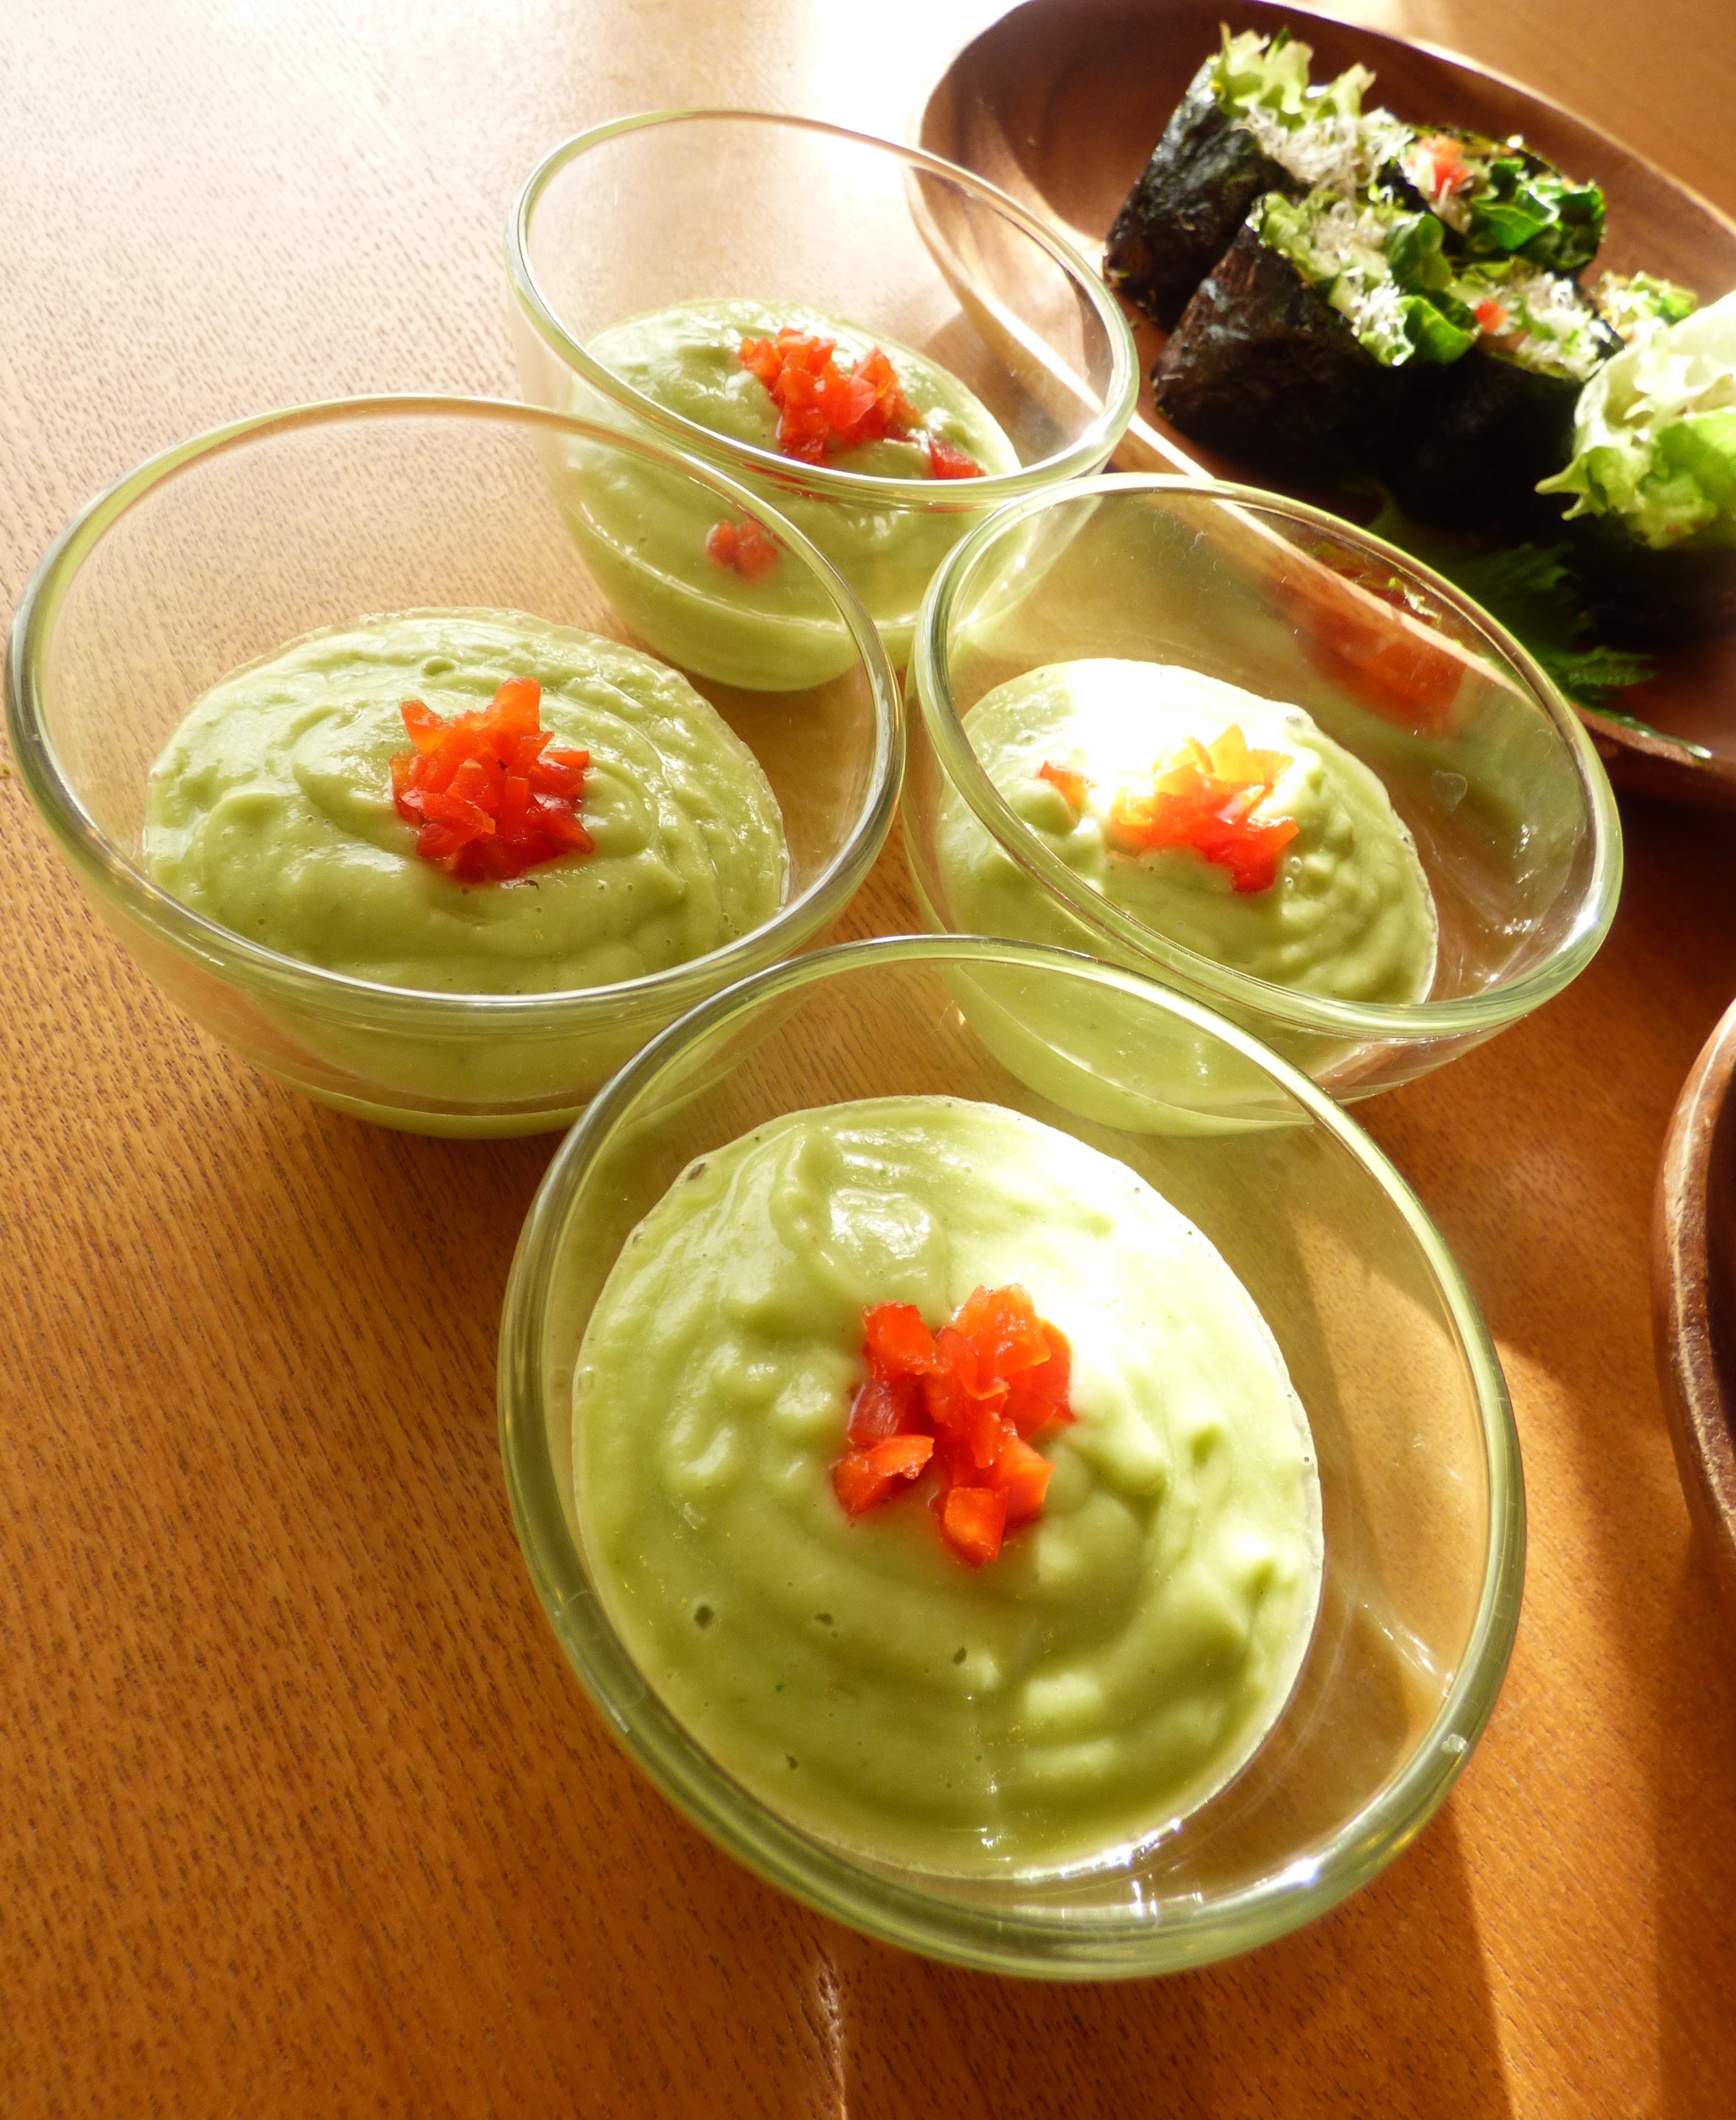 アボガドスープ(2級)